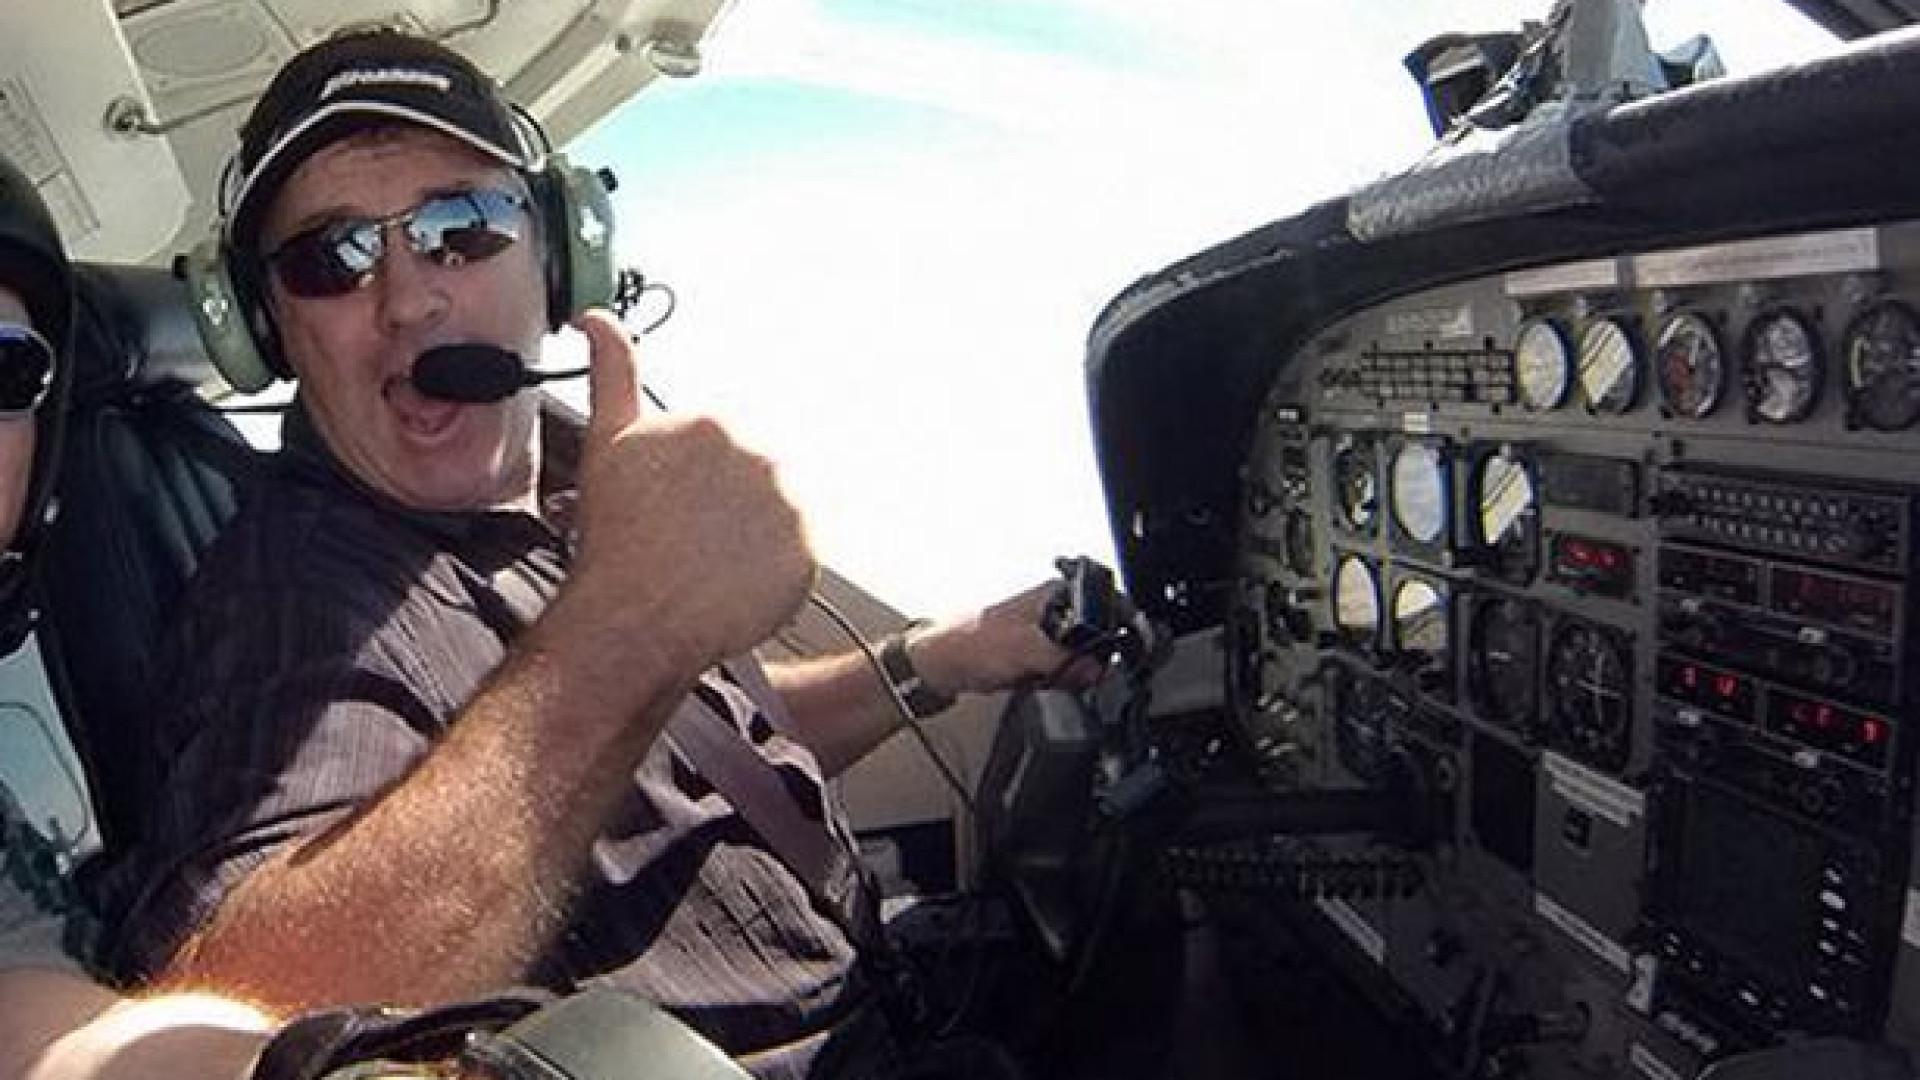 Revelada identidade do piloto de avião em que Emiliano Sala seguia